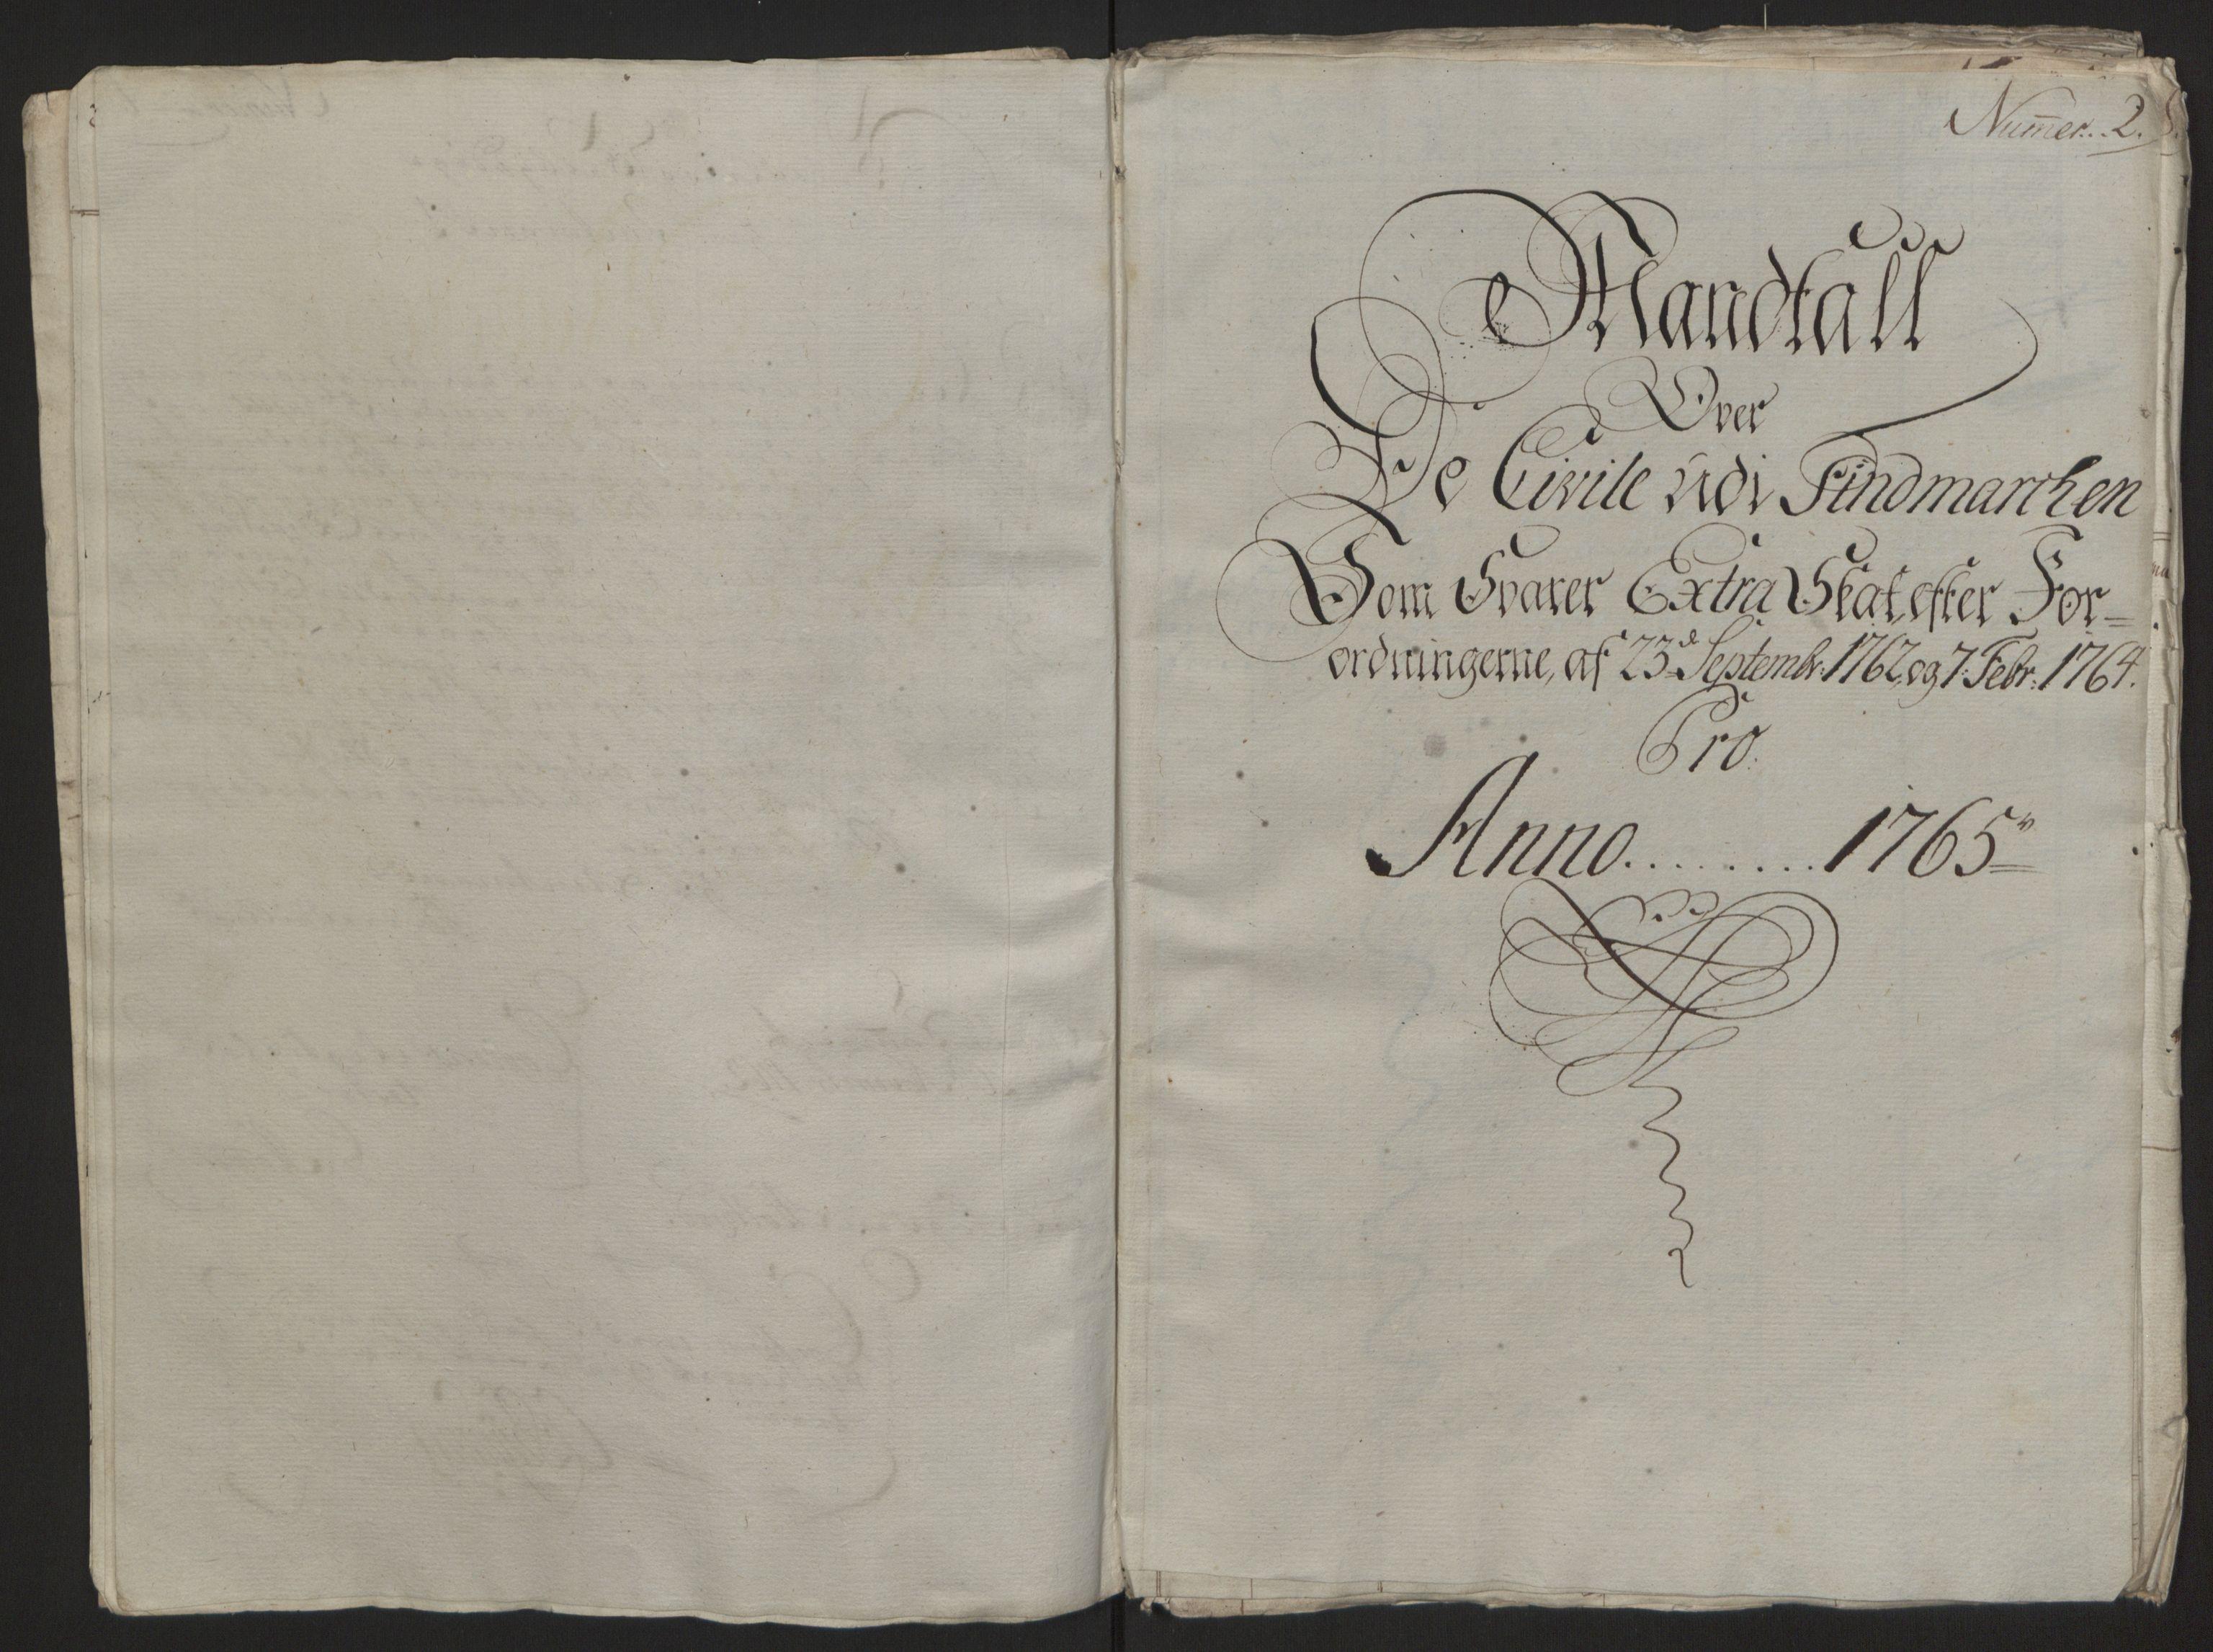 RA, Rentekammeret inntil 1814, Reviderte regnskaper, Fogderegnskap, R69/L4910: Ekstraskatten  Finnmark/Vardøhus, 1762-1772, s. 141